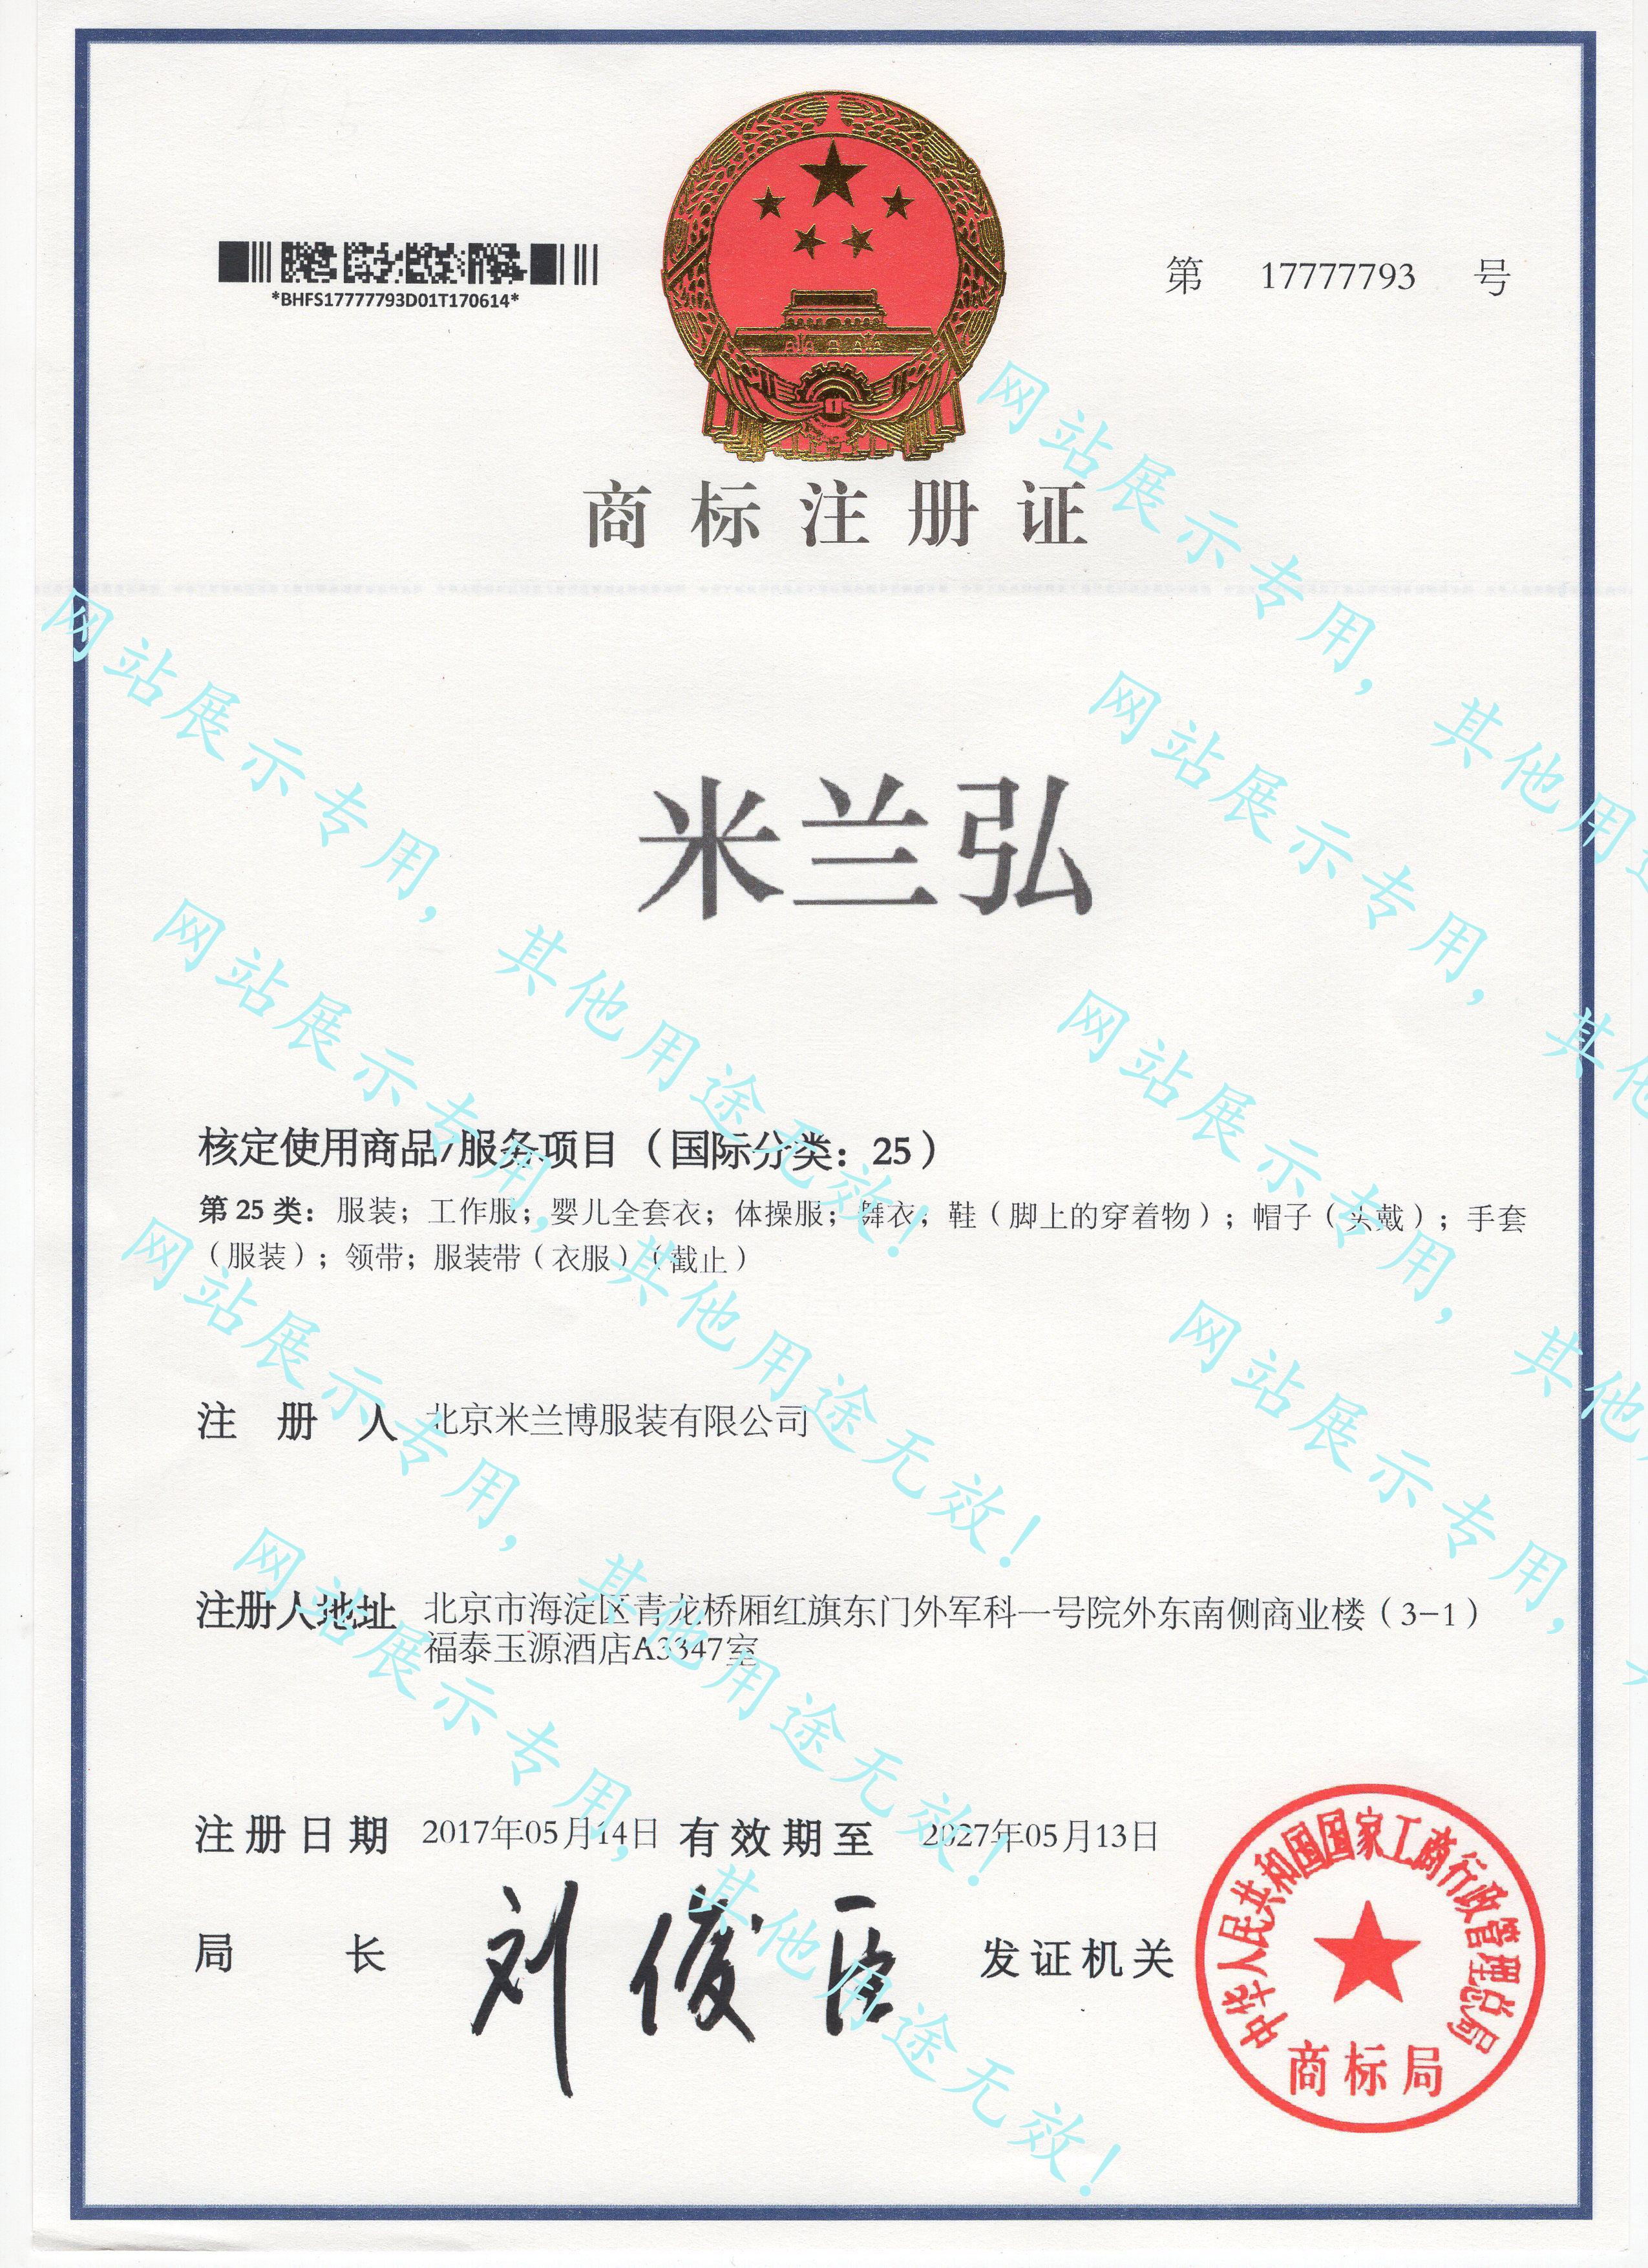 米兰弘商标注册证